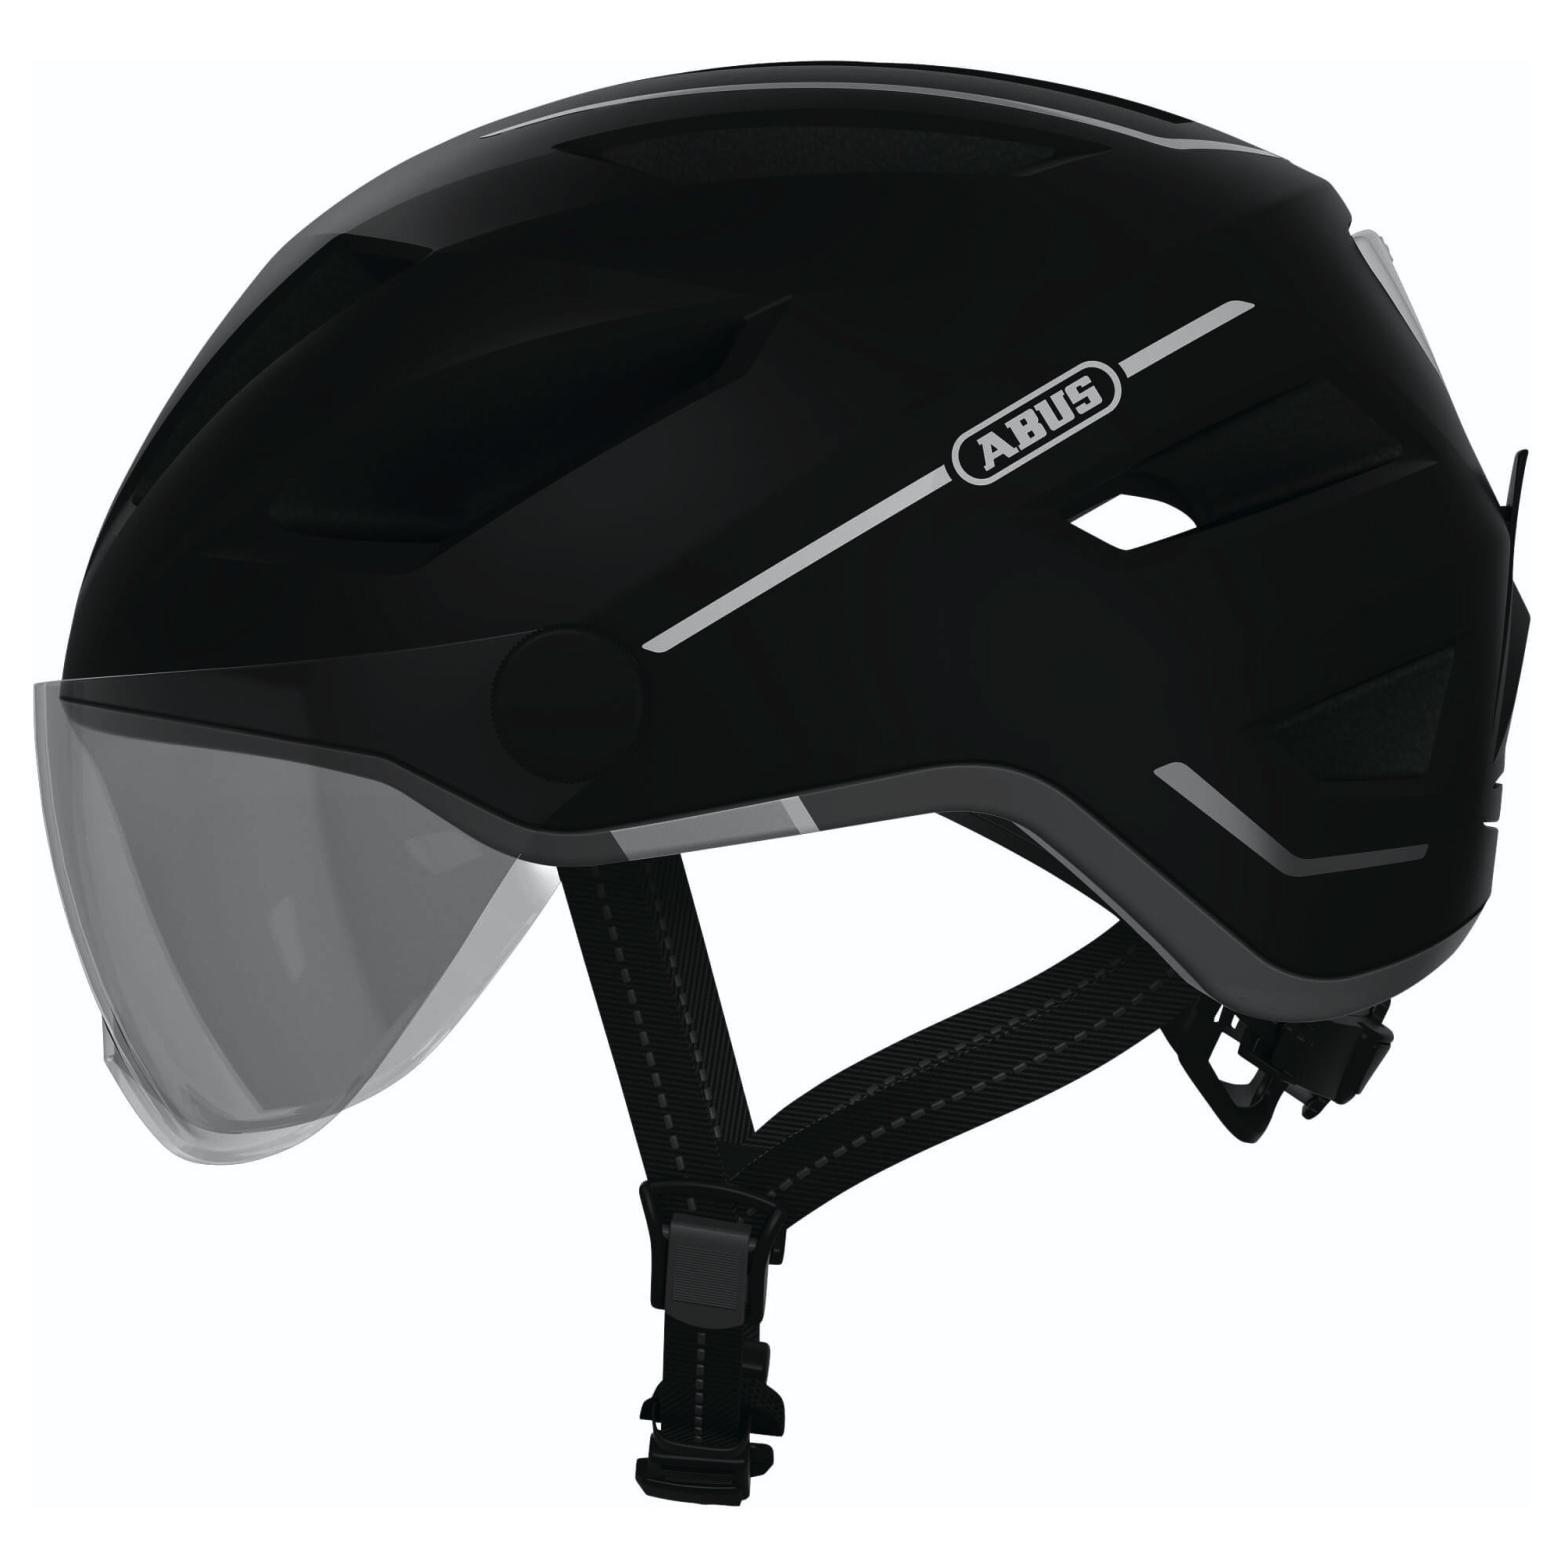 fietsen-accessories-3